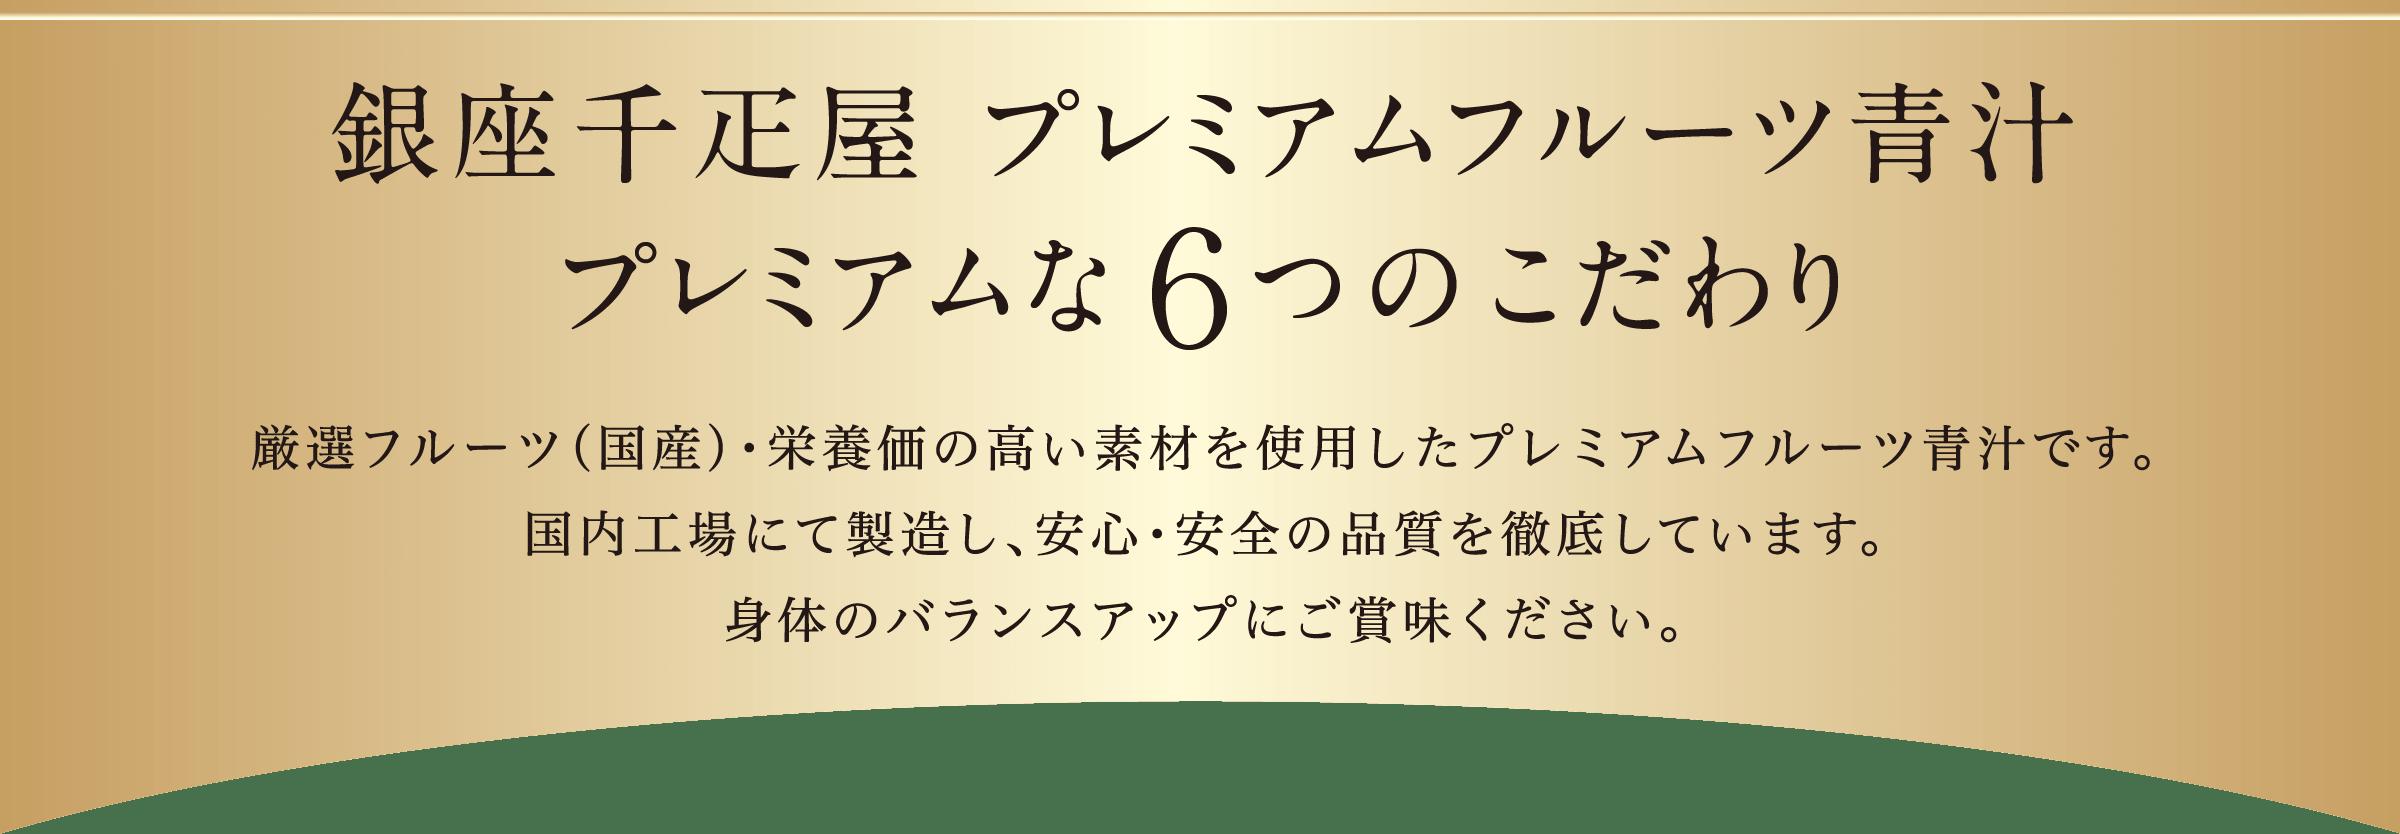 銀座千疋屋 プレミアムフルーツ青汁プレミアムな6つのこだわり